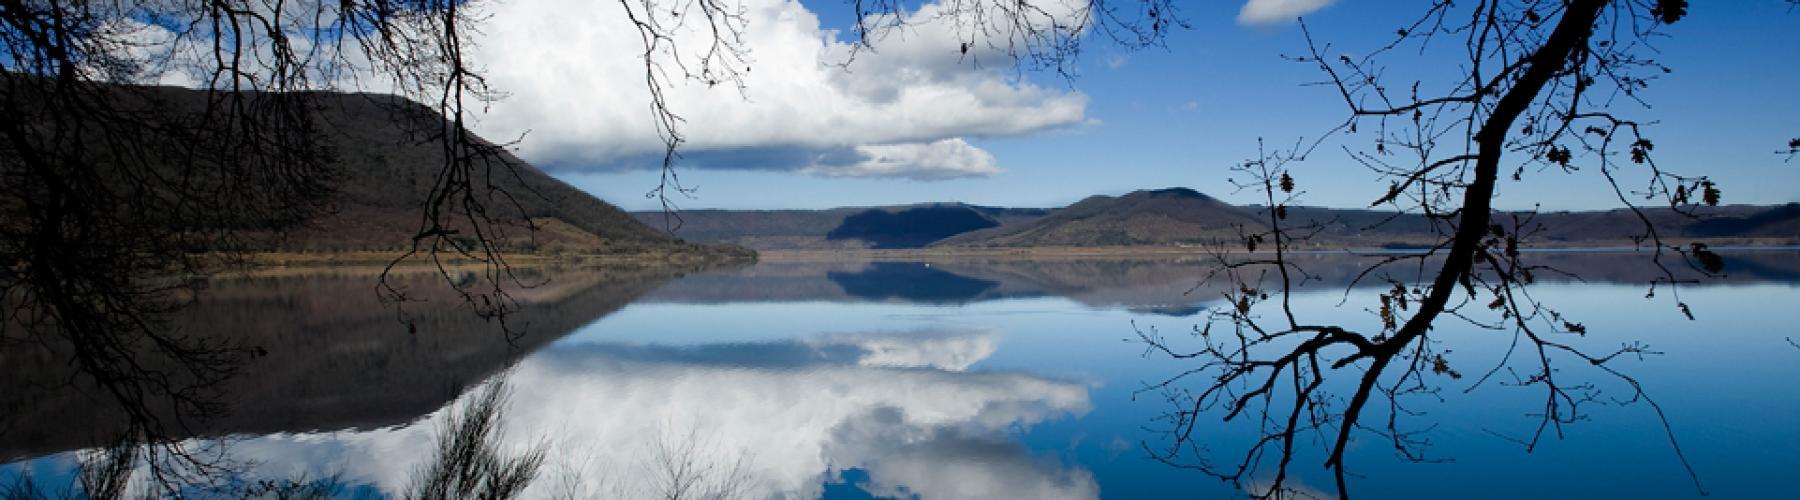 Copertina Lago di Vico